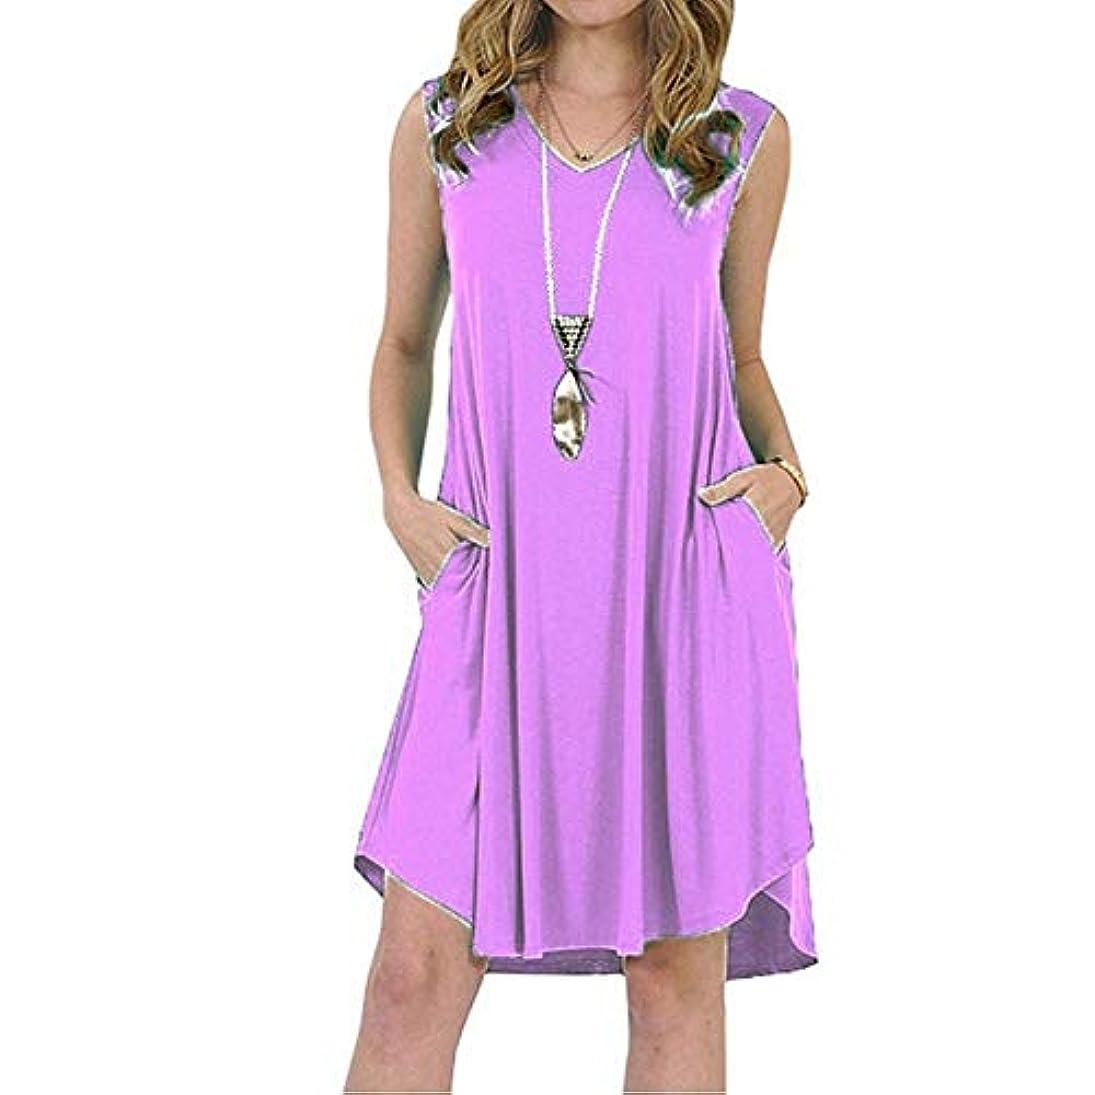 救援挨拶誓うMIFAN の女性のドレスカジュアルな不規則なドレスルースサマービーチTシャツドレス